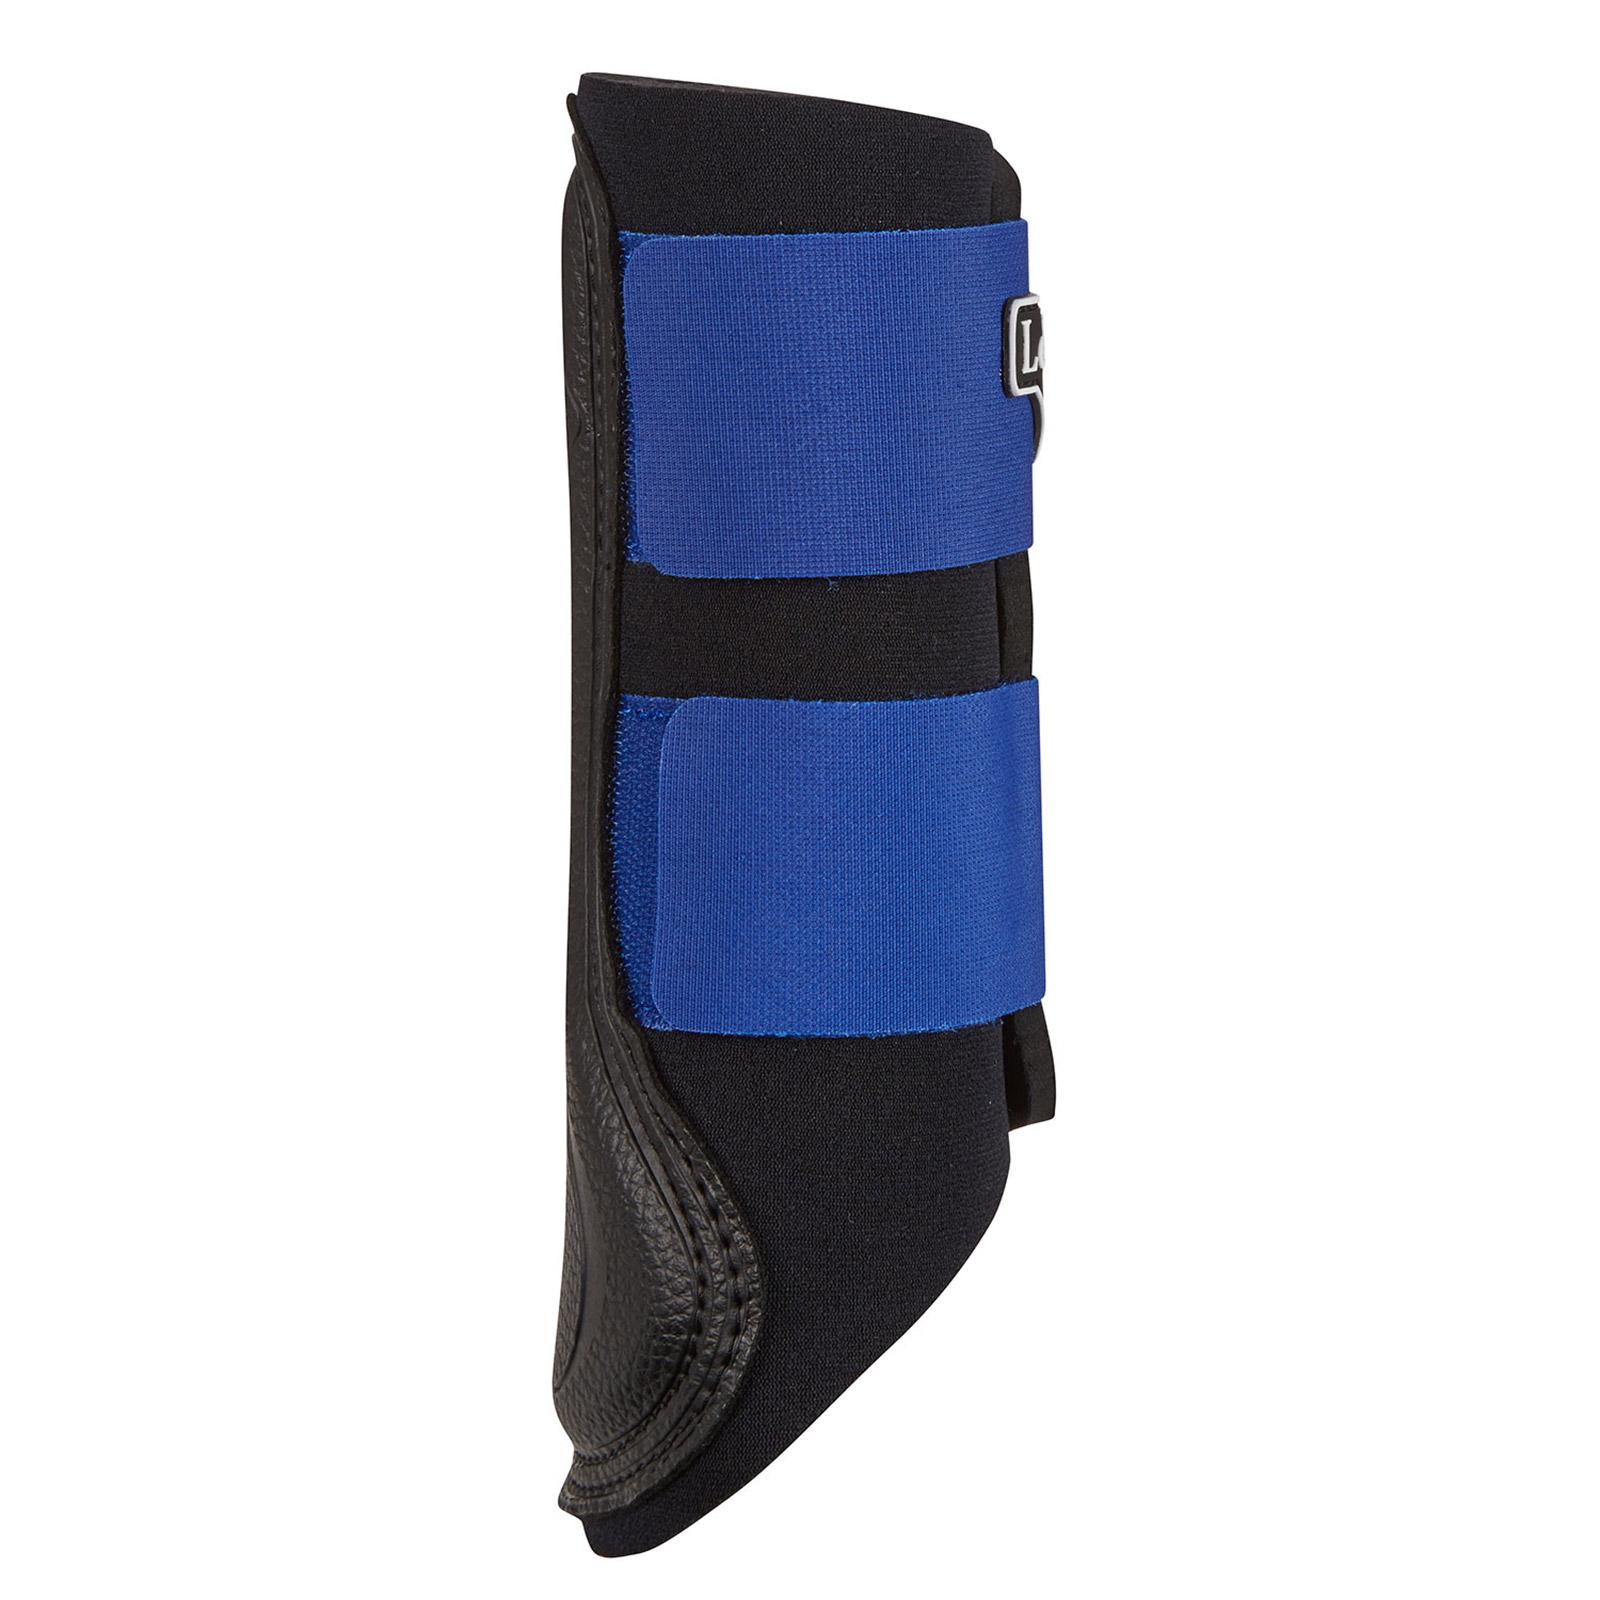 LEMIEUX-PROSPORT-Grafter-Brossage-Bottes-Leger-Protection miniature 6